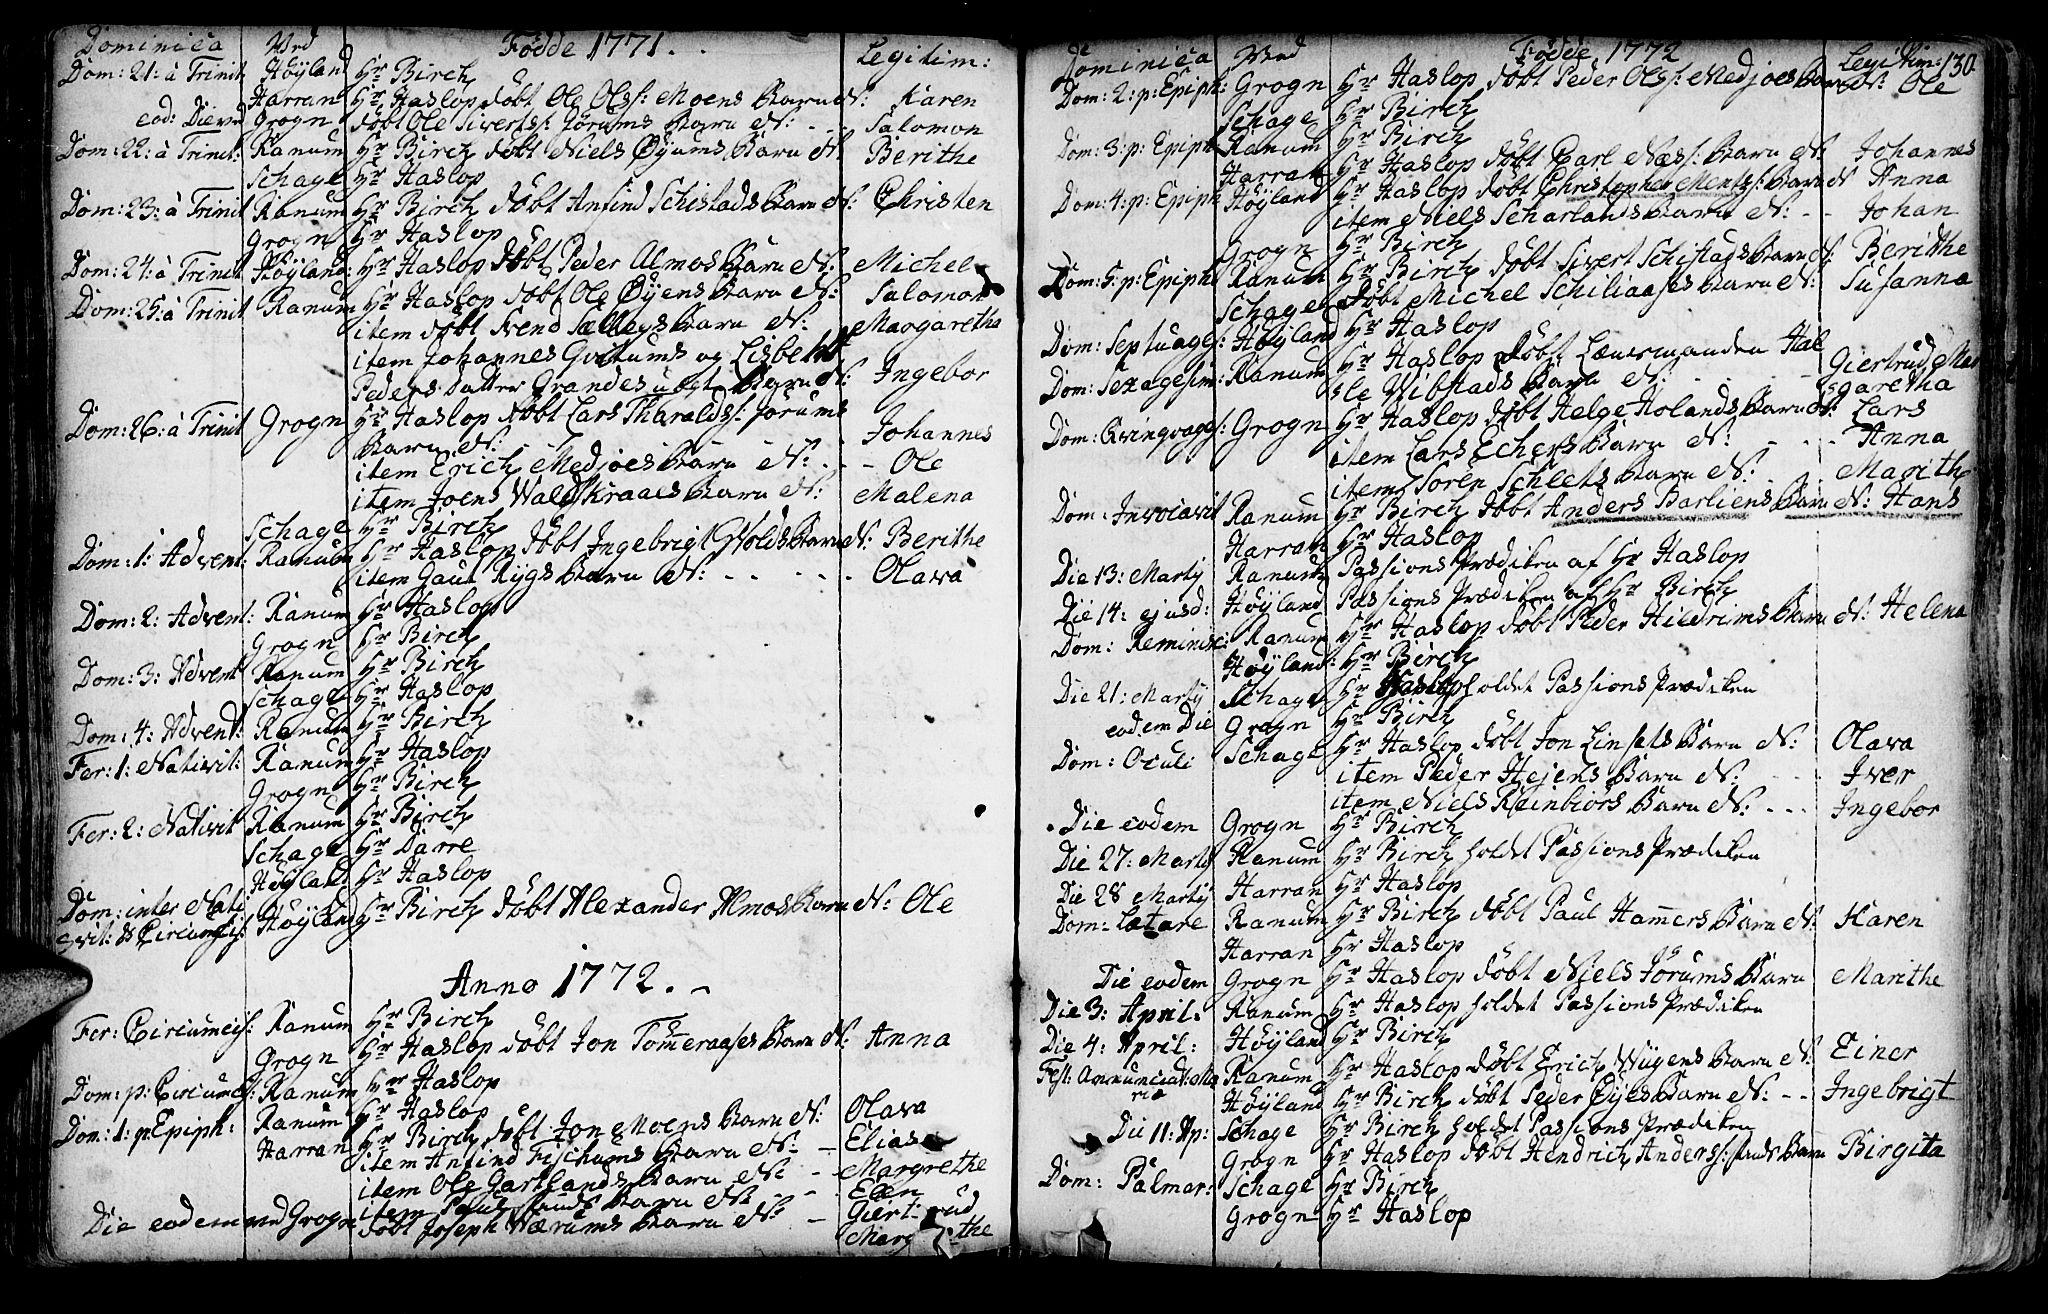 SAT, Ministerialprotokoller, klokkerbøker og fødselsregistre - Nord-Trøndelag, 764/L0542: Ministerialbok nr. 764A02, 1748-1779, s. 130